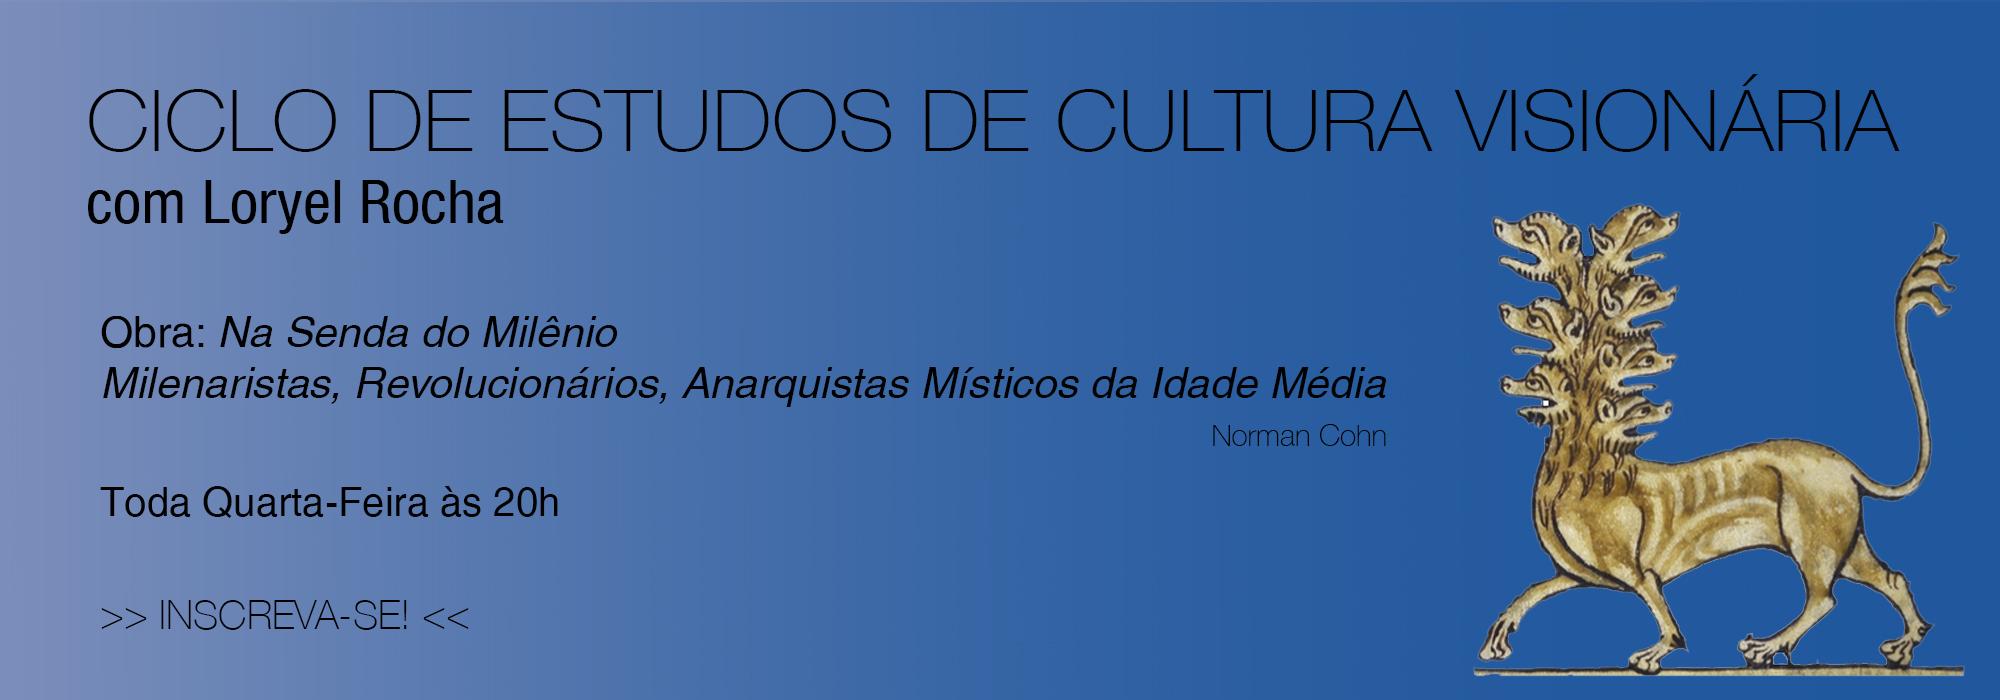 CICLO DE ESTUDOS DE CULTURA VISIONÁRIA (1)